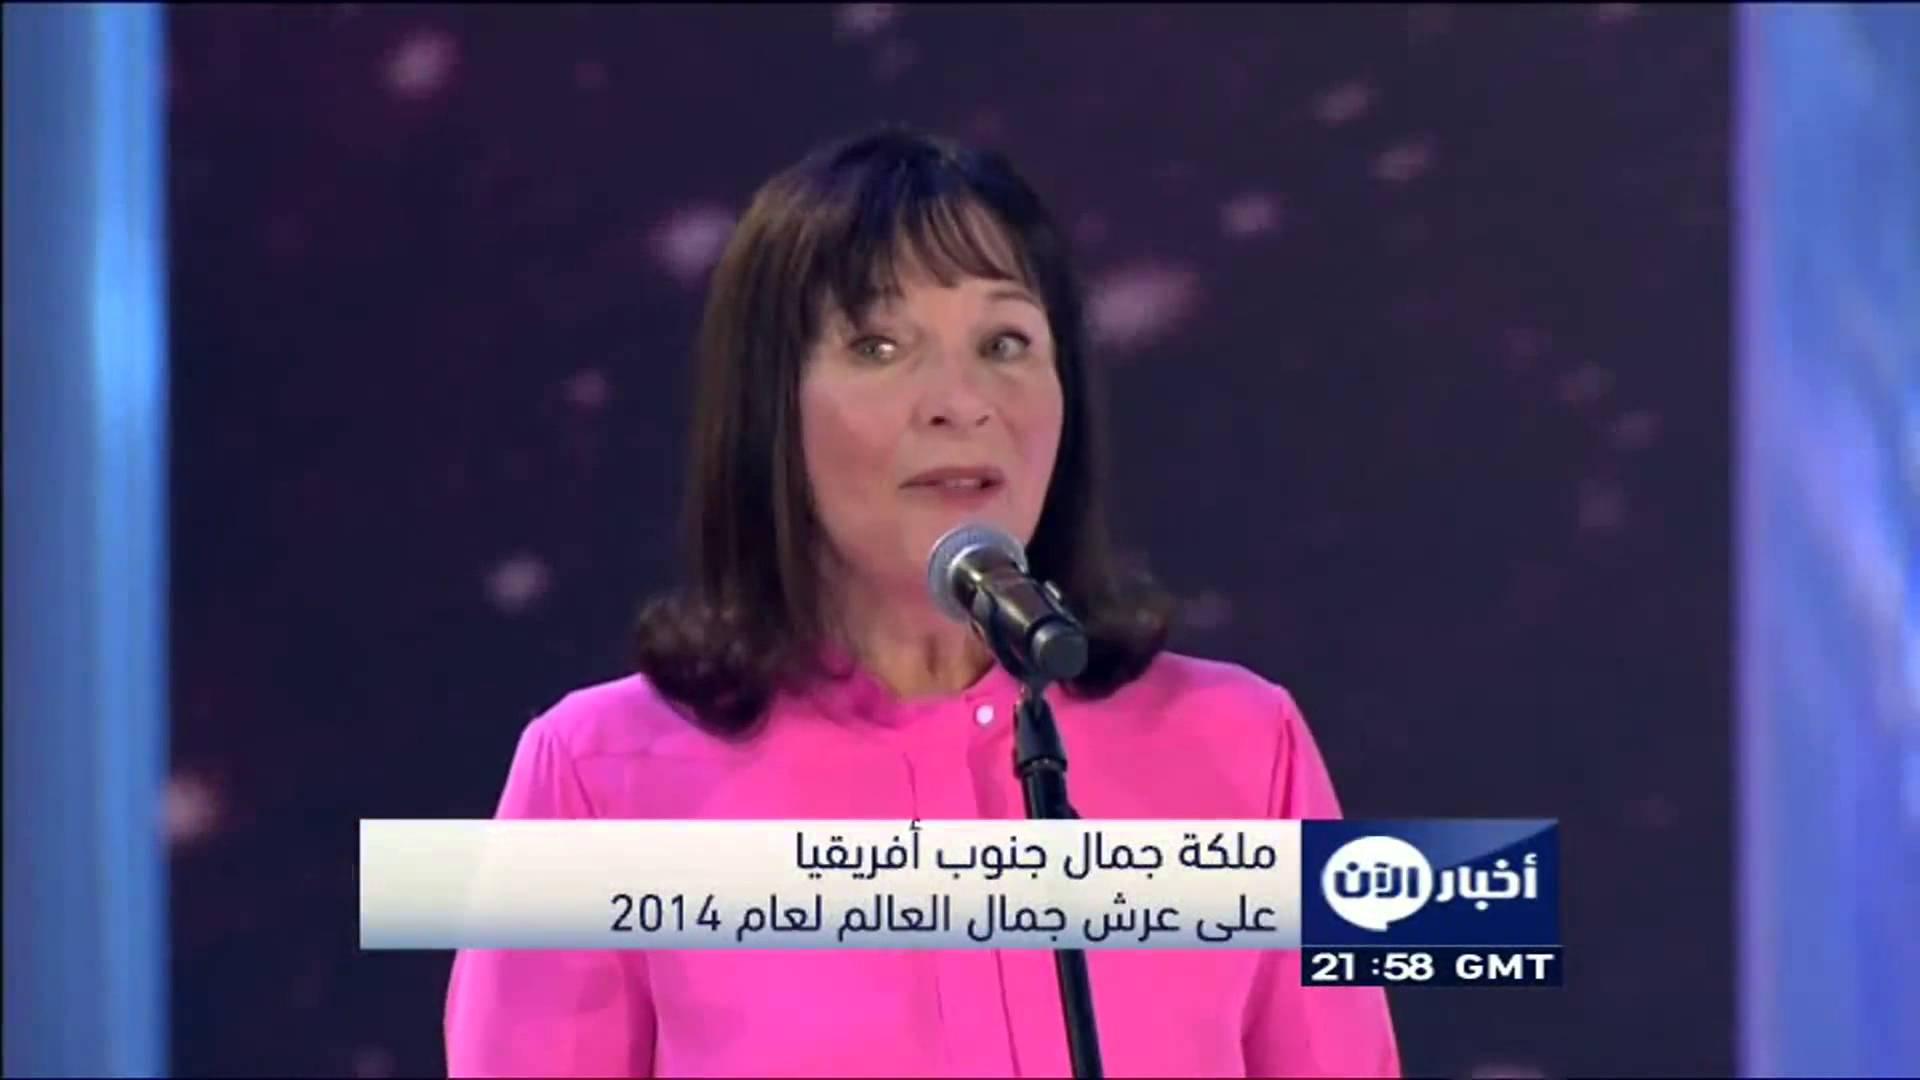 بالفيديو:لحظة تتويج ملكة جمال العالم